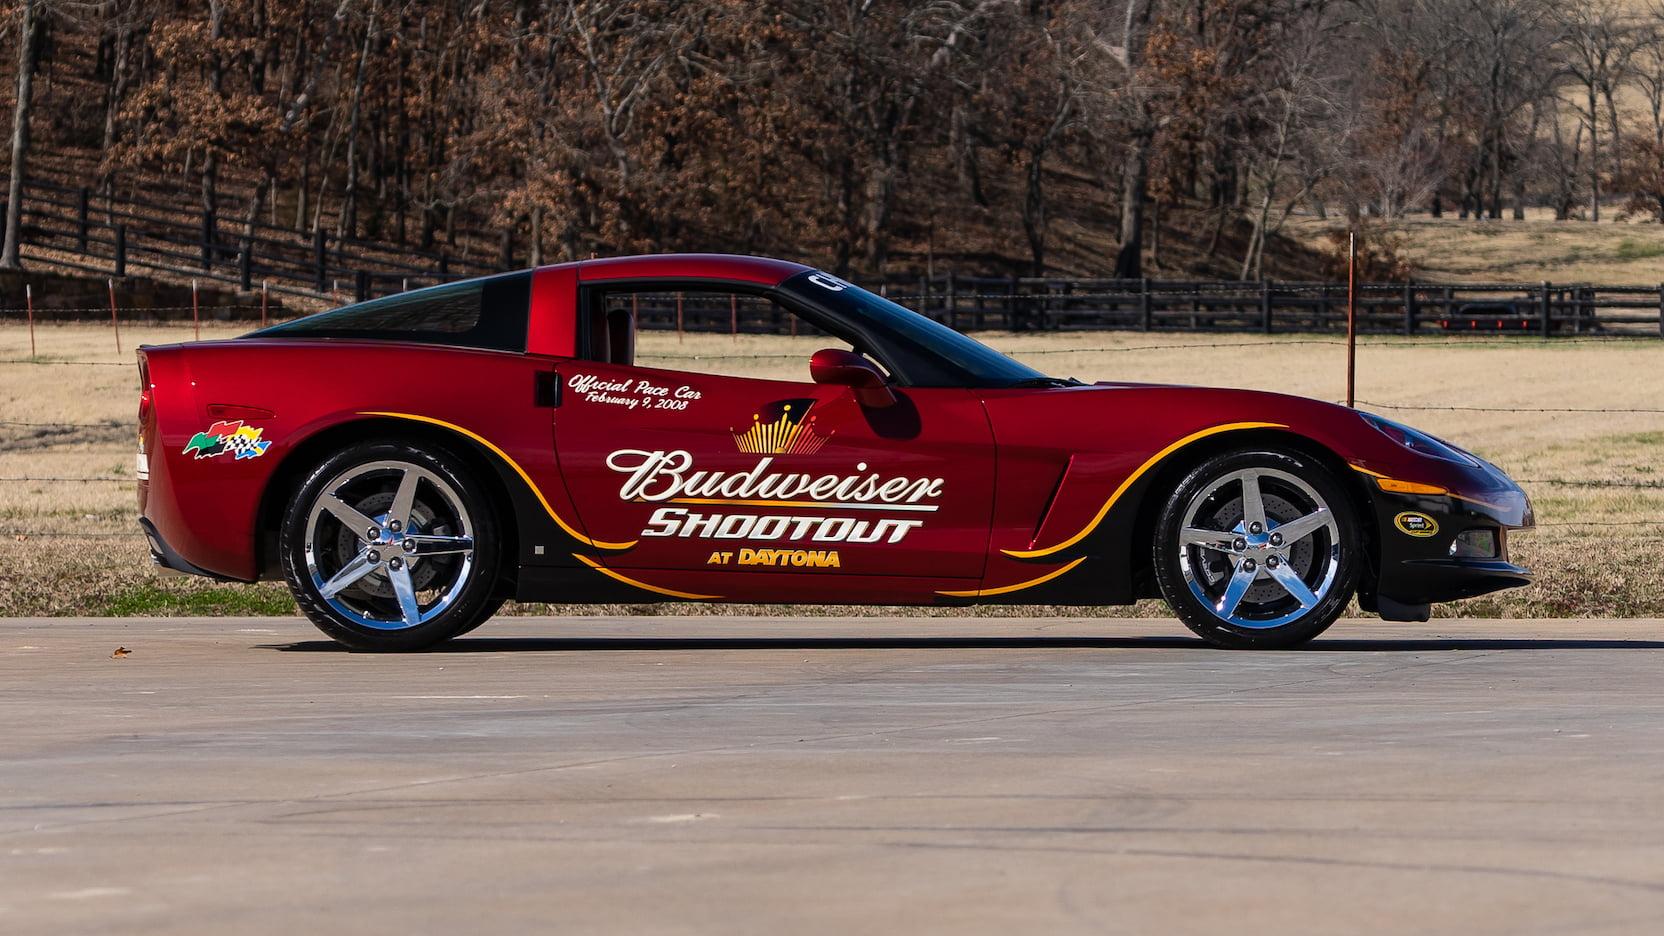 Budweiser 2008 Chevrolet Corvette Daytona Pace Car